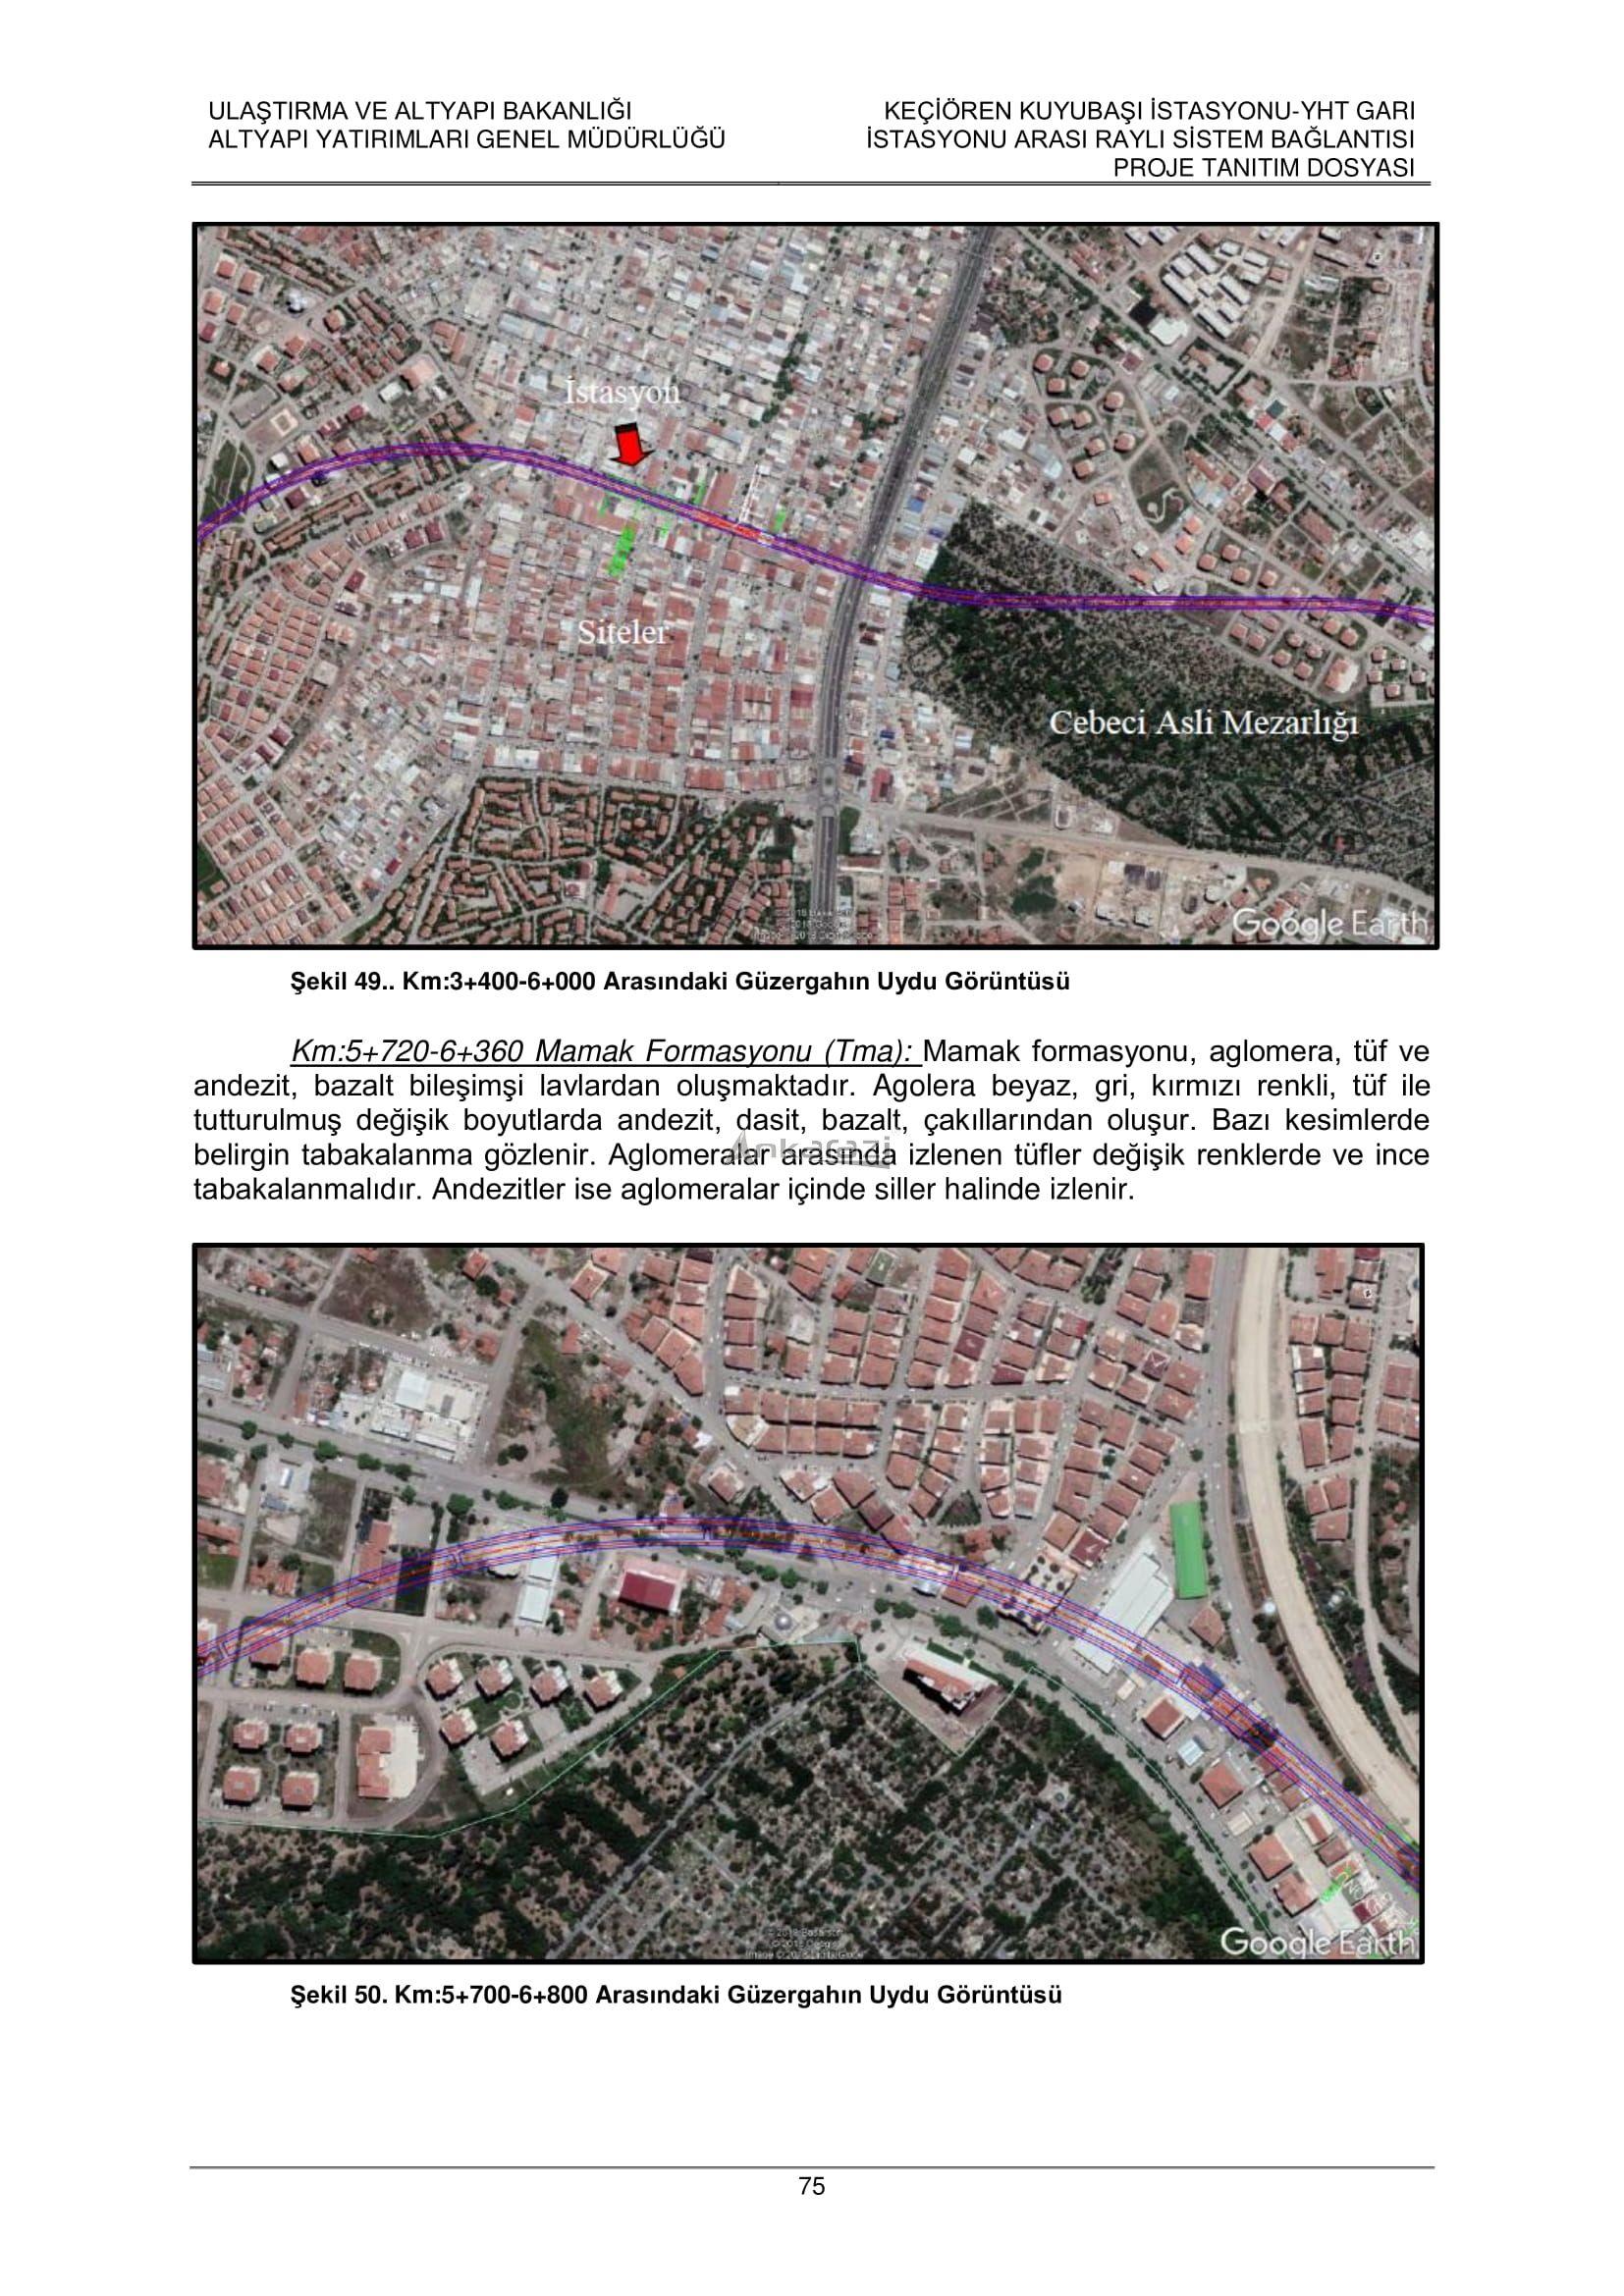 Keçiören-Siteler-YHT Garı Metro Hattı, Nihai Proje Dosyası... 3707